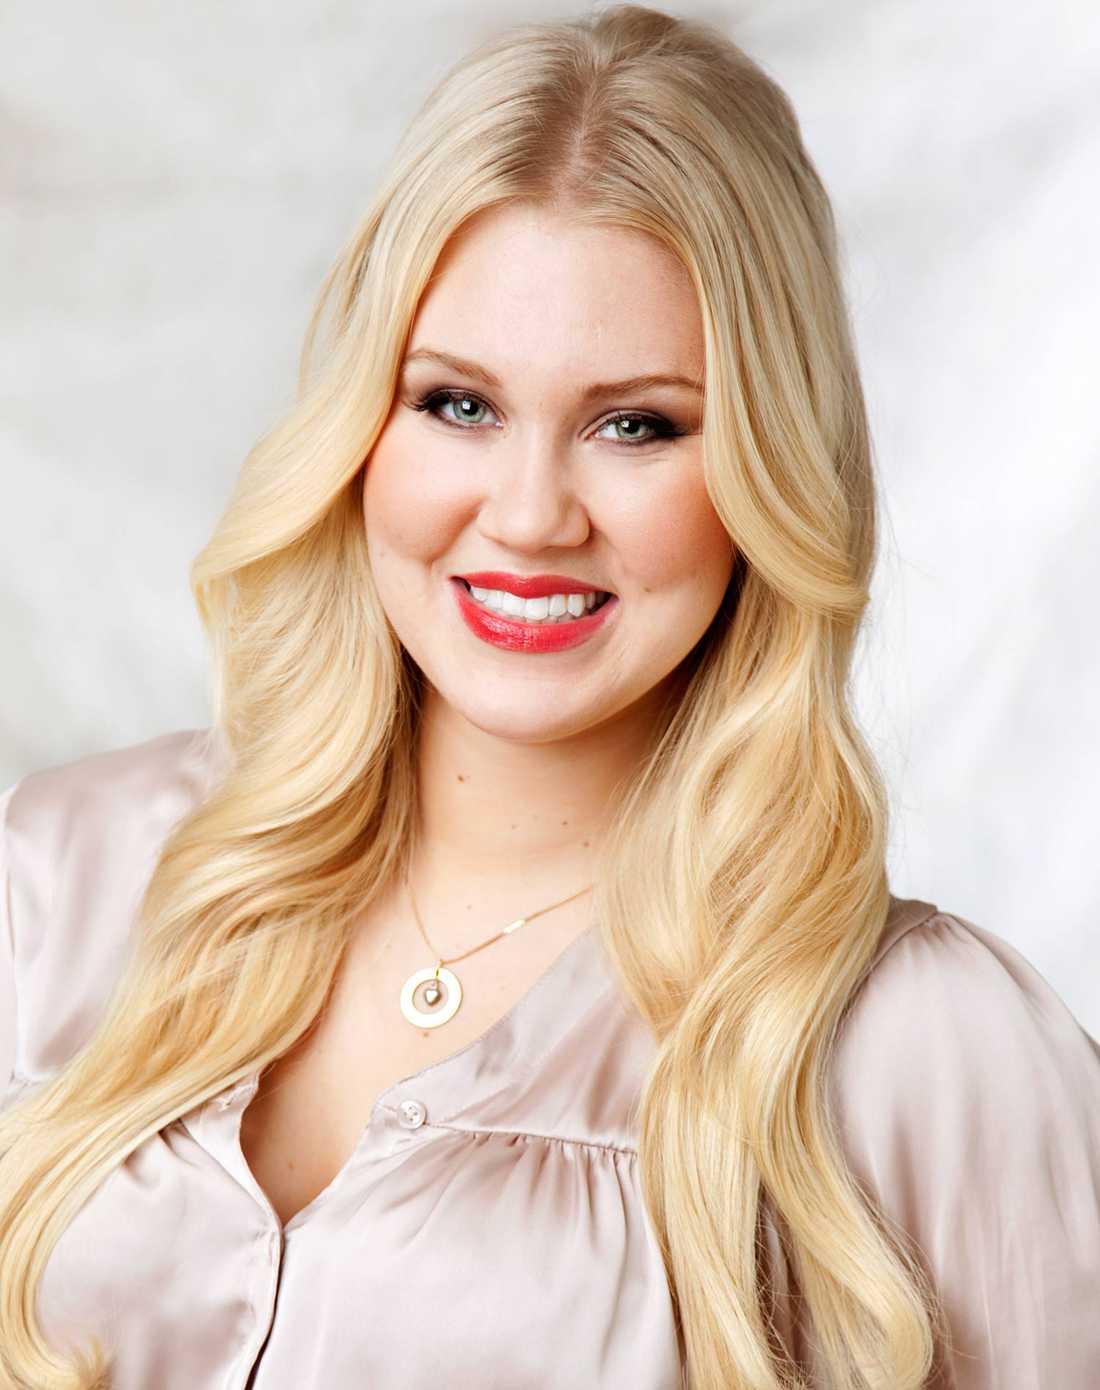 Blondinbella anmäld för att smyga in reklam på sin blogg.